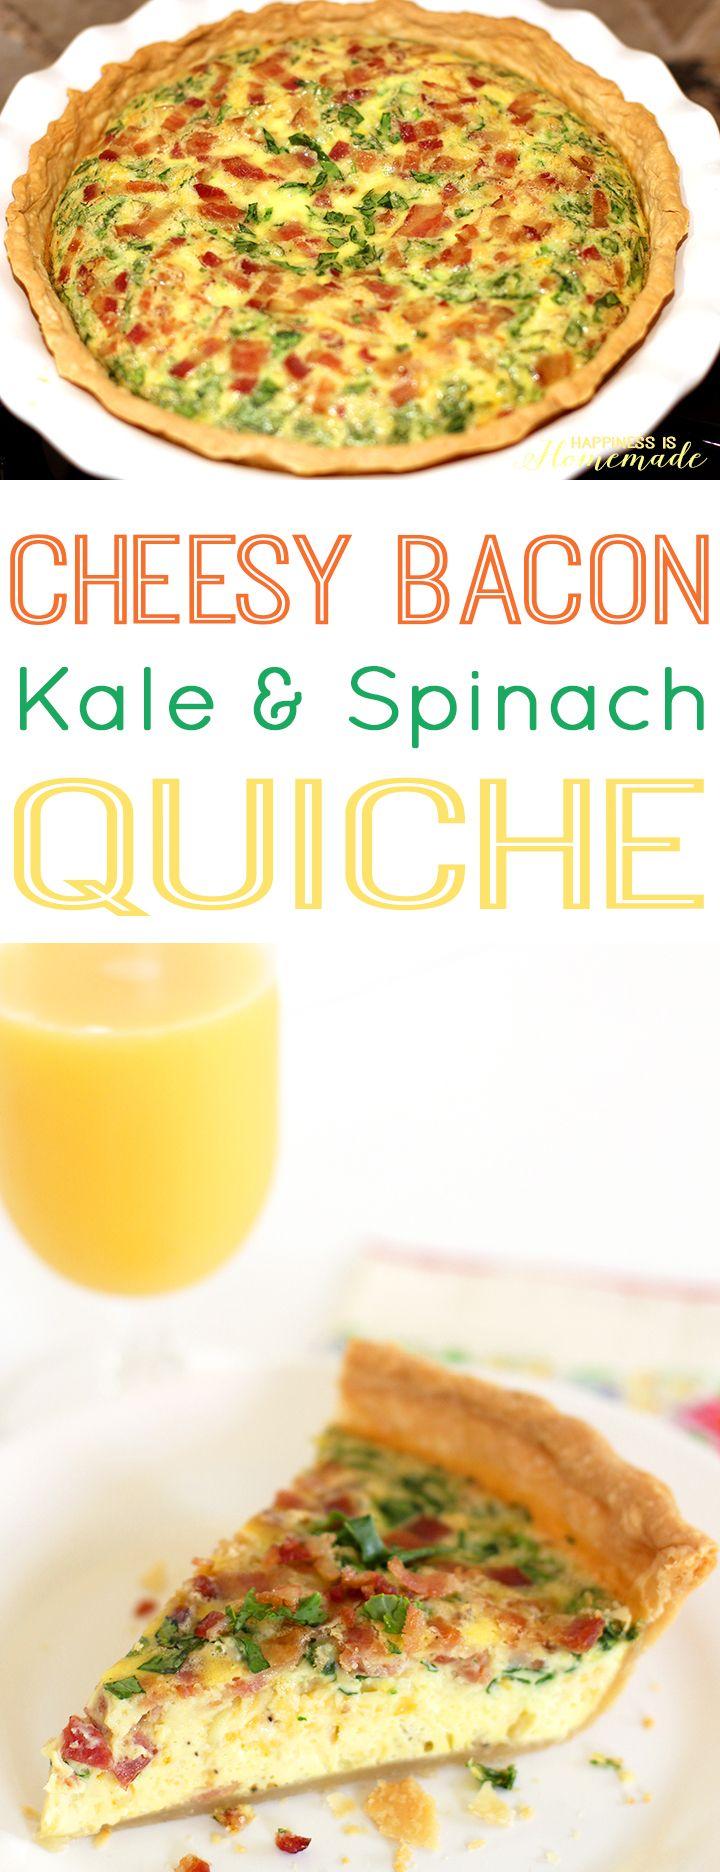 Cheesy Bacon Kale and Spinach Quiche Recipe